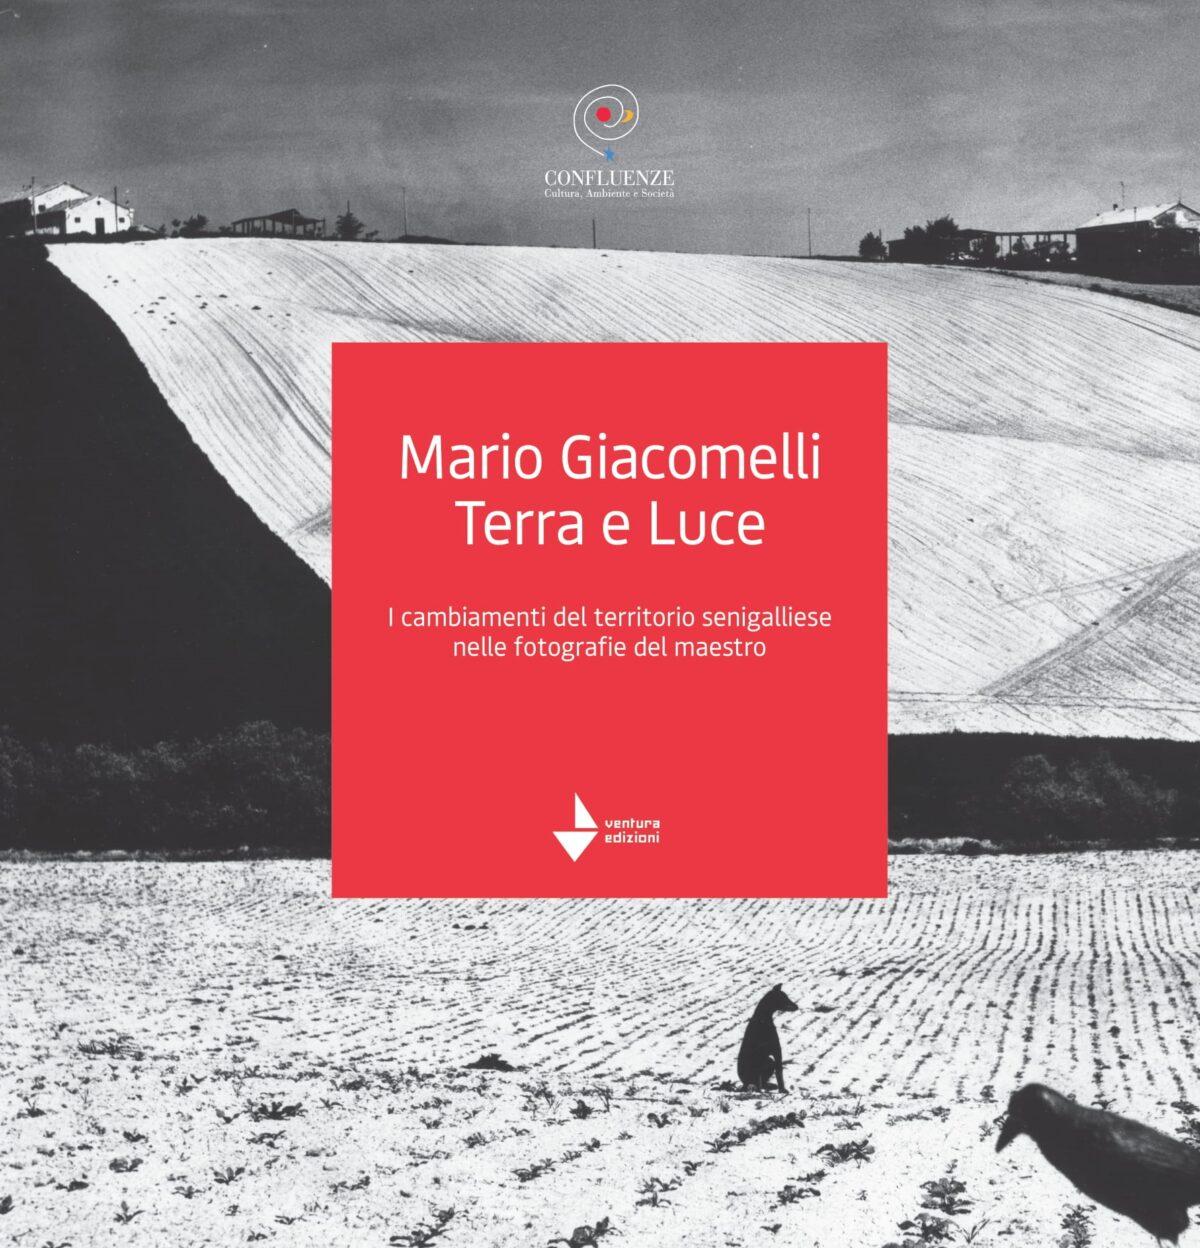 Mario Giacomelli, Terra e Luce